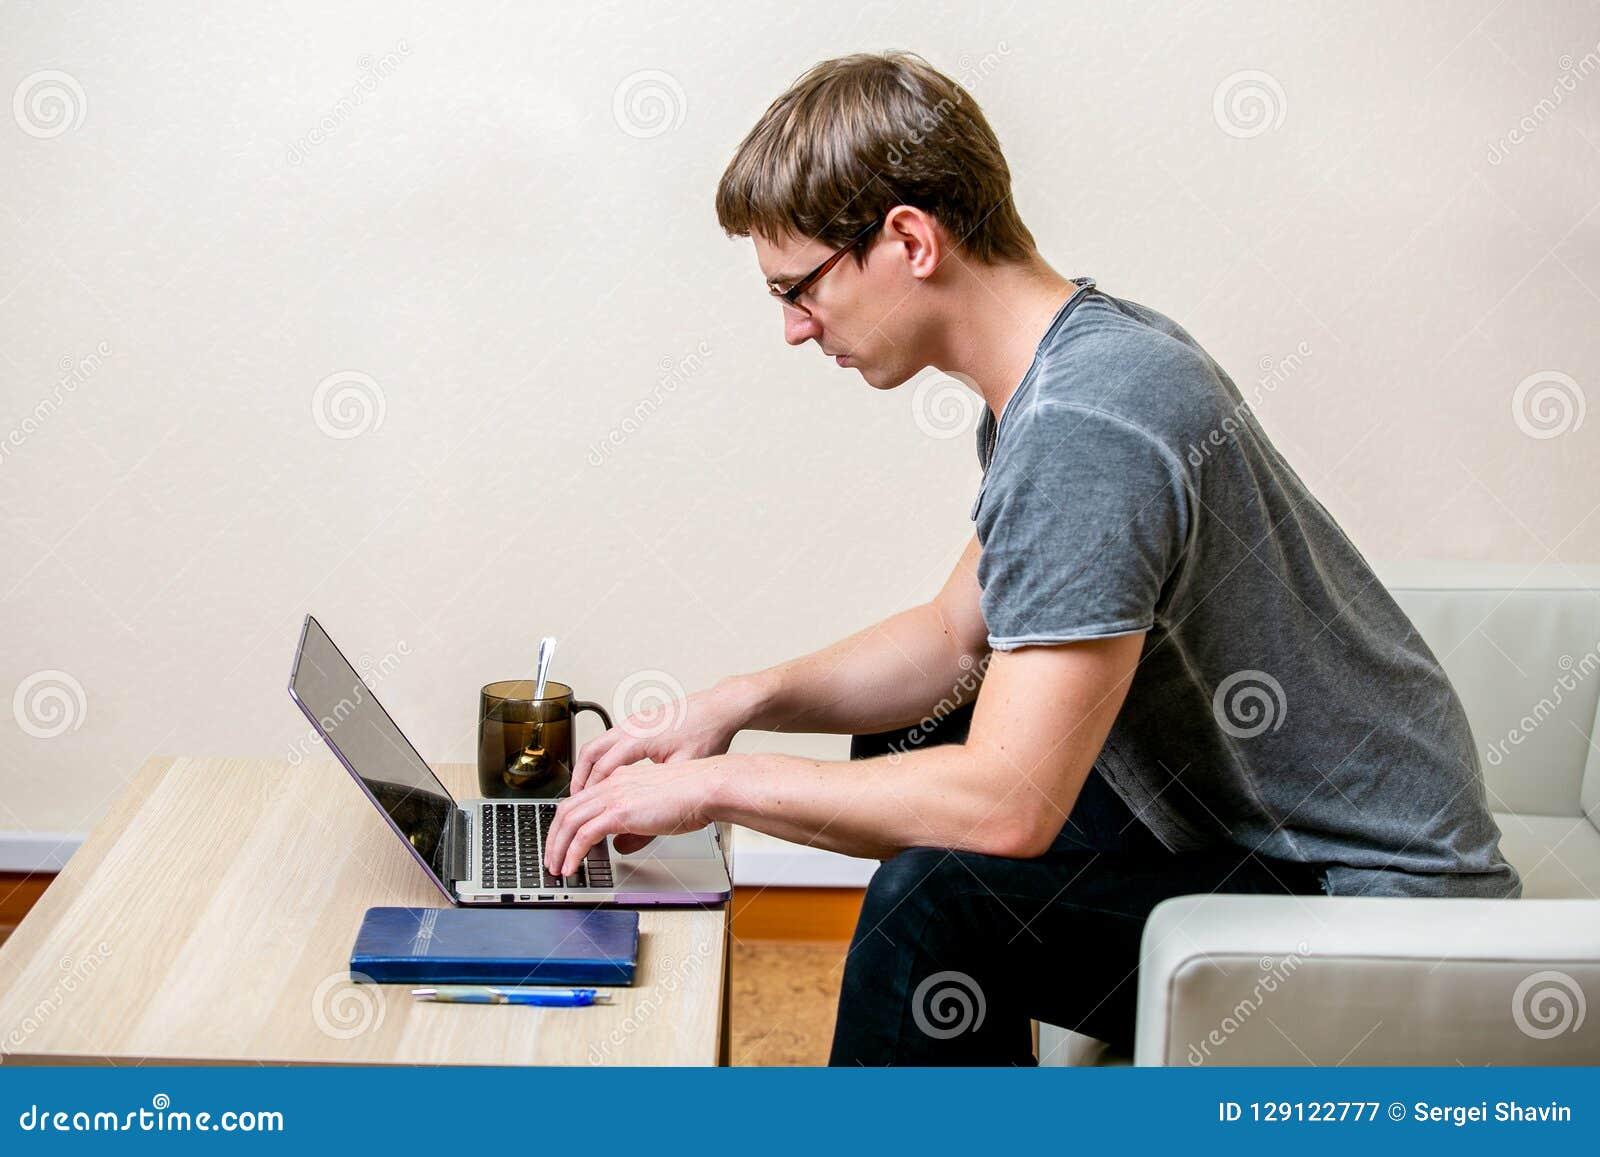 Συγκεντρωμένος νεαρός άνδρας με τα γυαλιά που λειτουργούν σε ένα lap-top σε ένα Υπουργείο Εσωτερικών Τύπος σε ένα πληκτρολόγιο κα